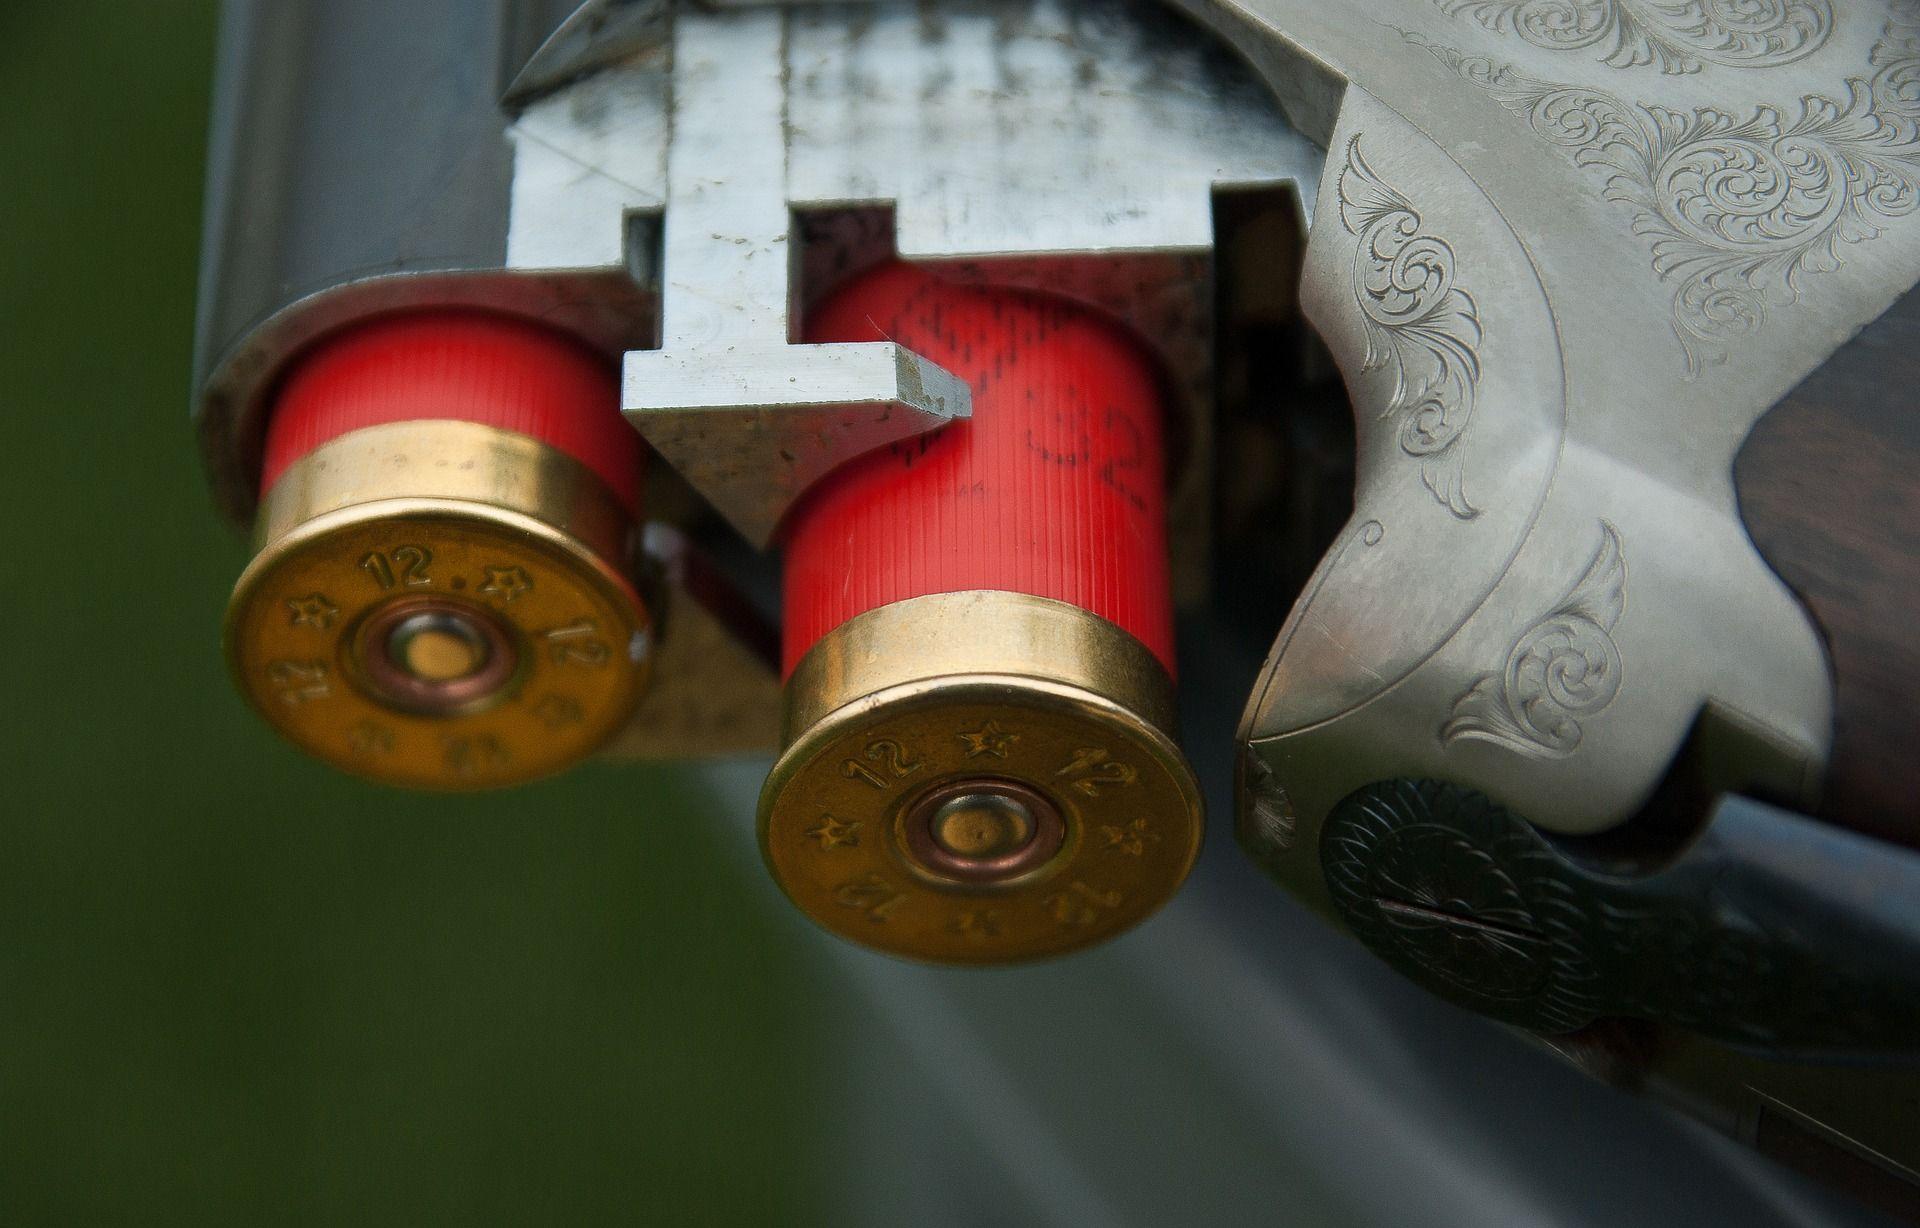 Pin By Ferreidea On Hunting Guns Hunting Hunting Guns Hunting Stores